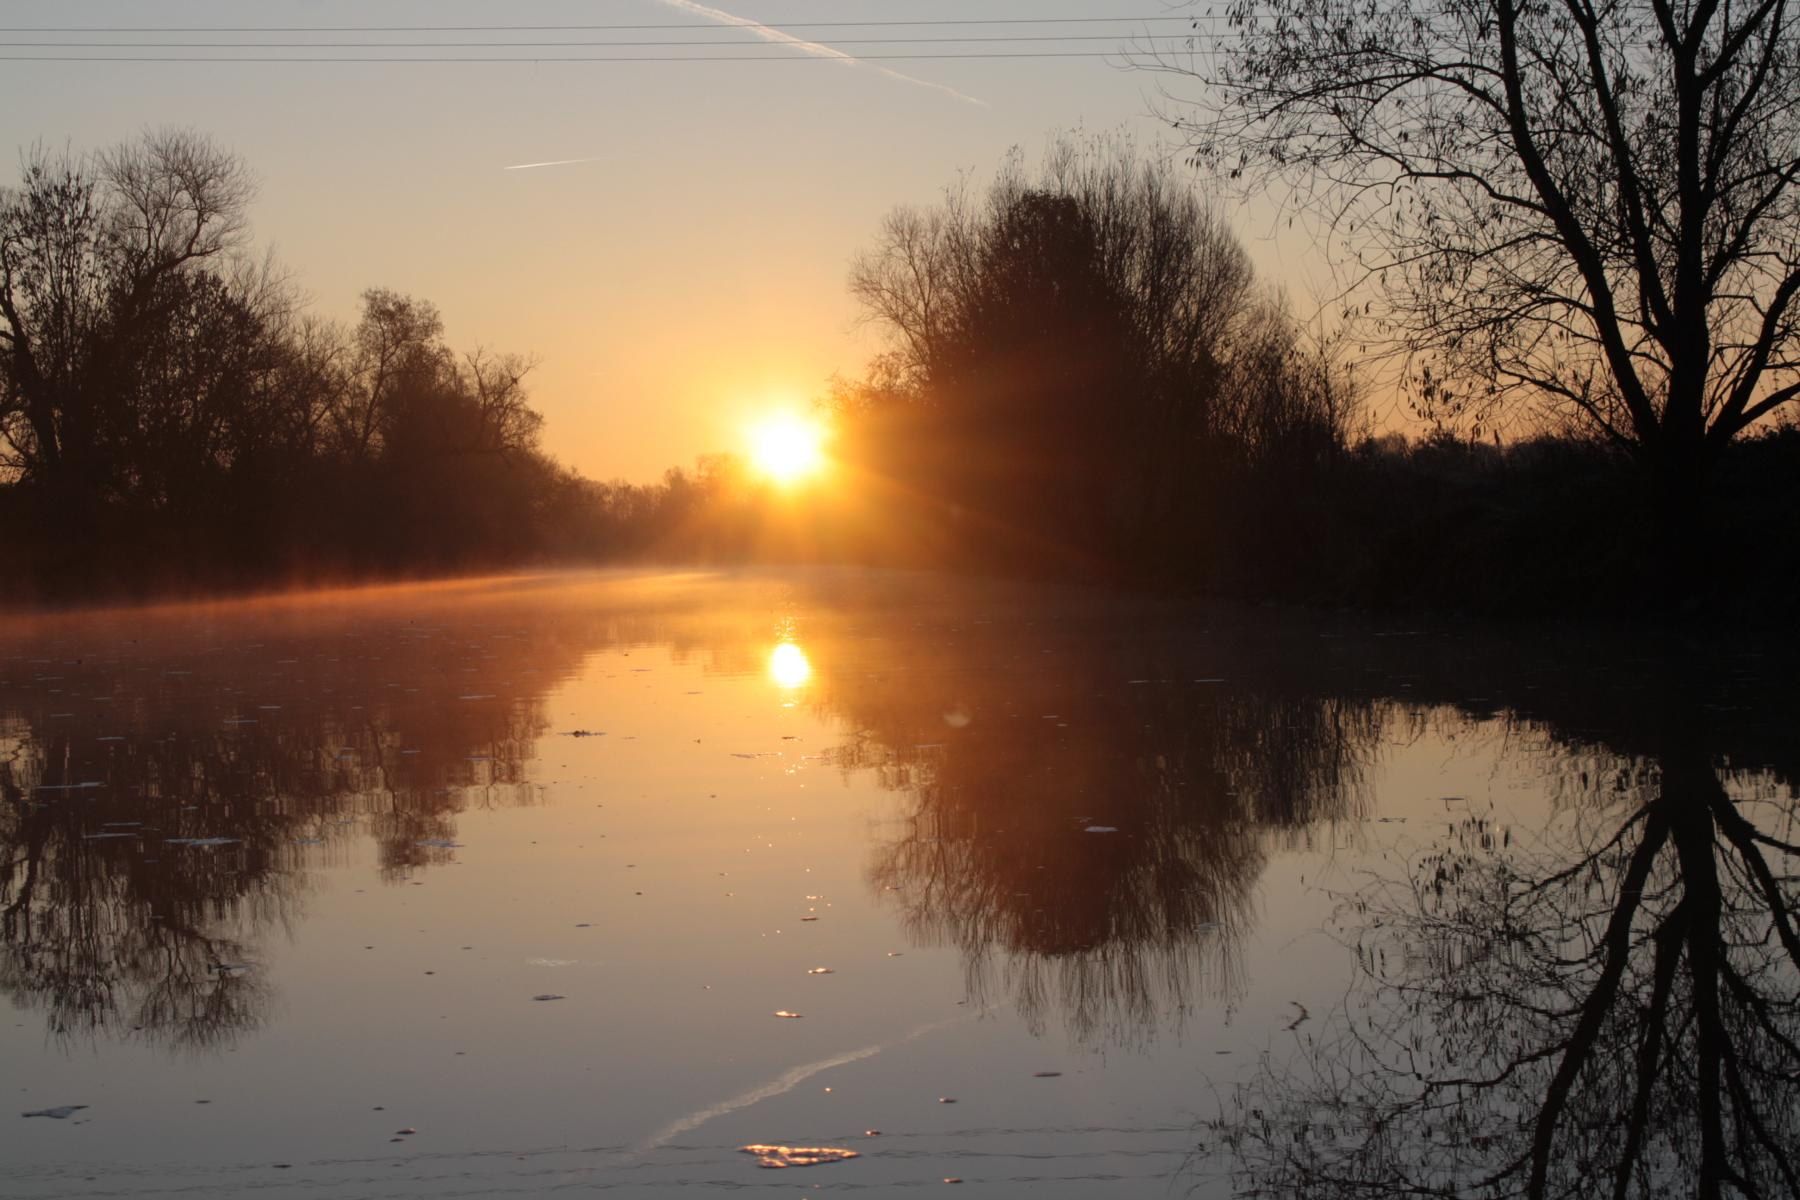 Sonnenuntergang auf der Sieg